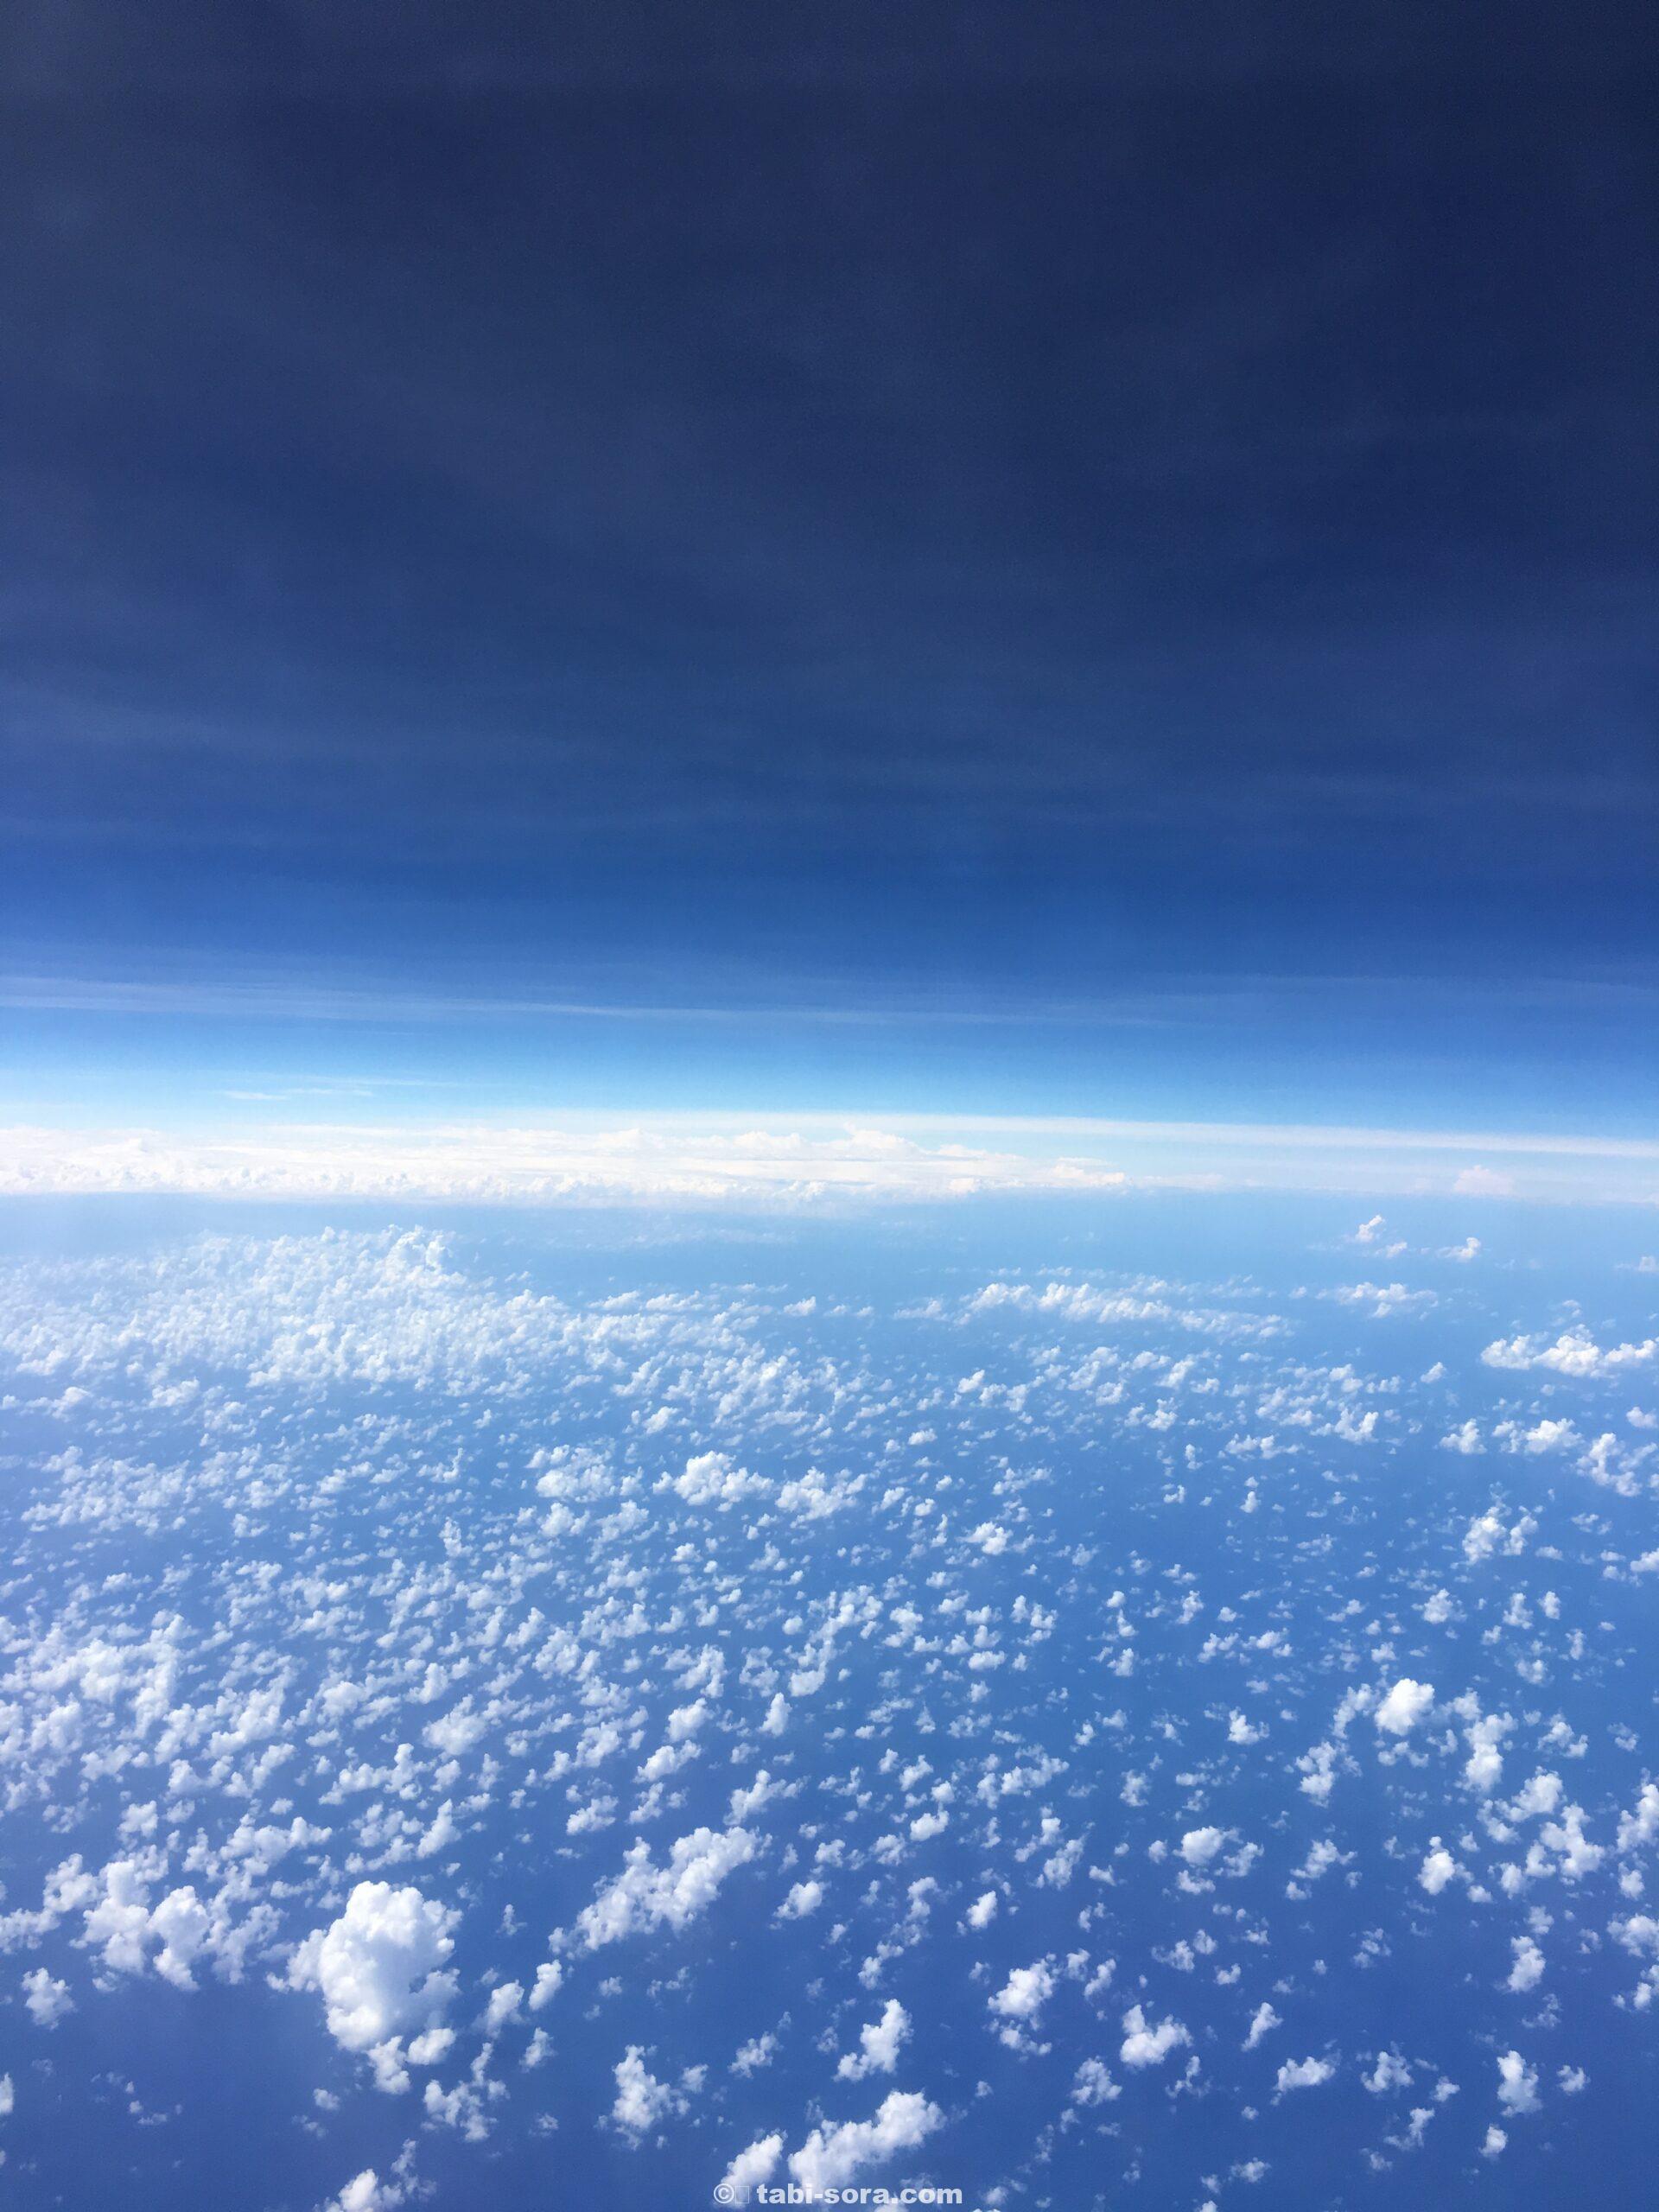 インド洋の空